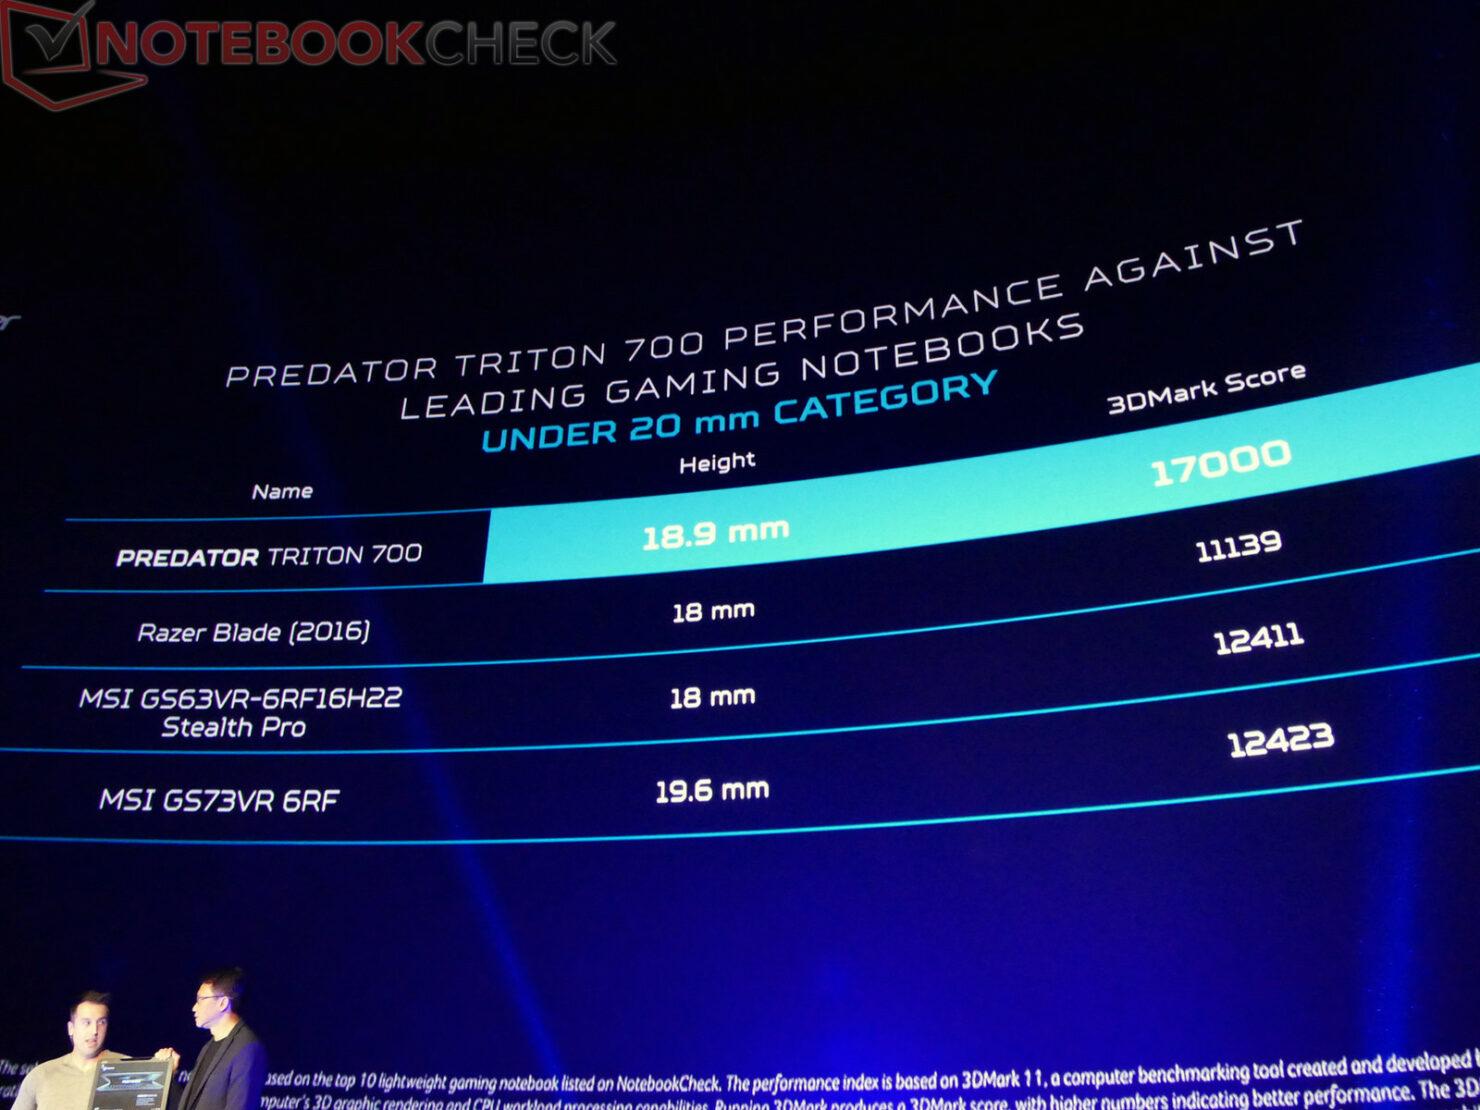 nvidia-gtx-1080-max-q-1